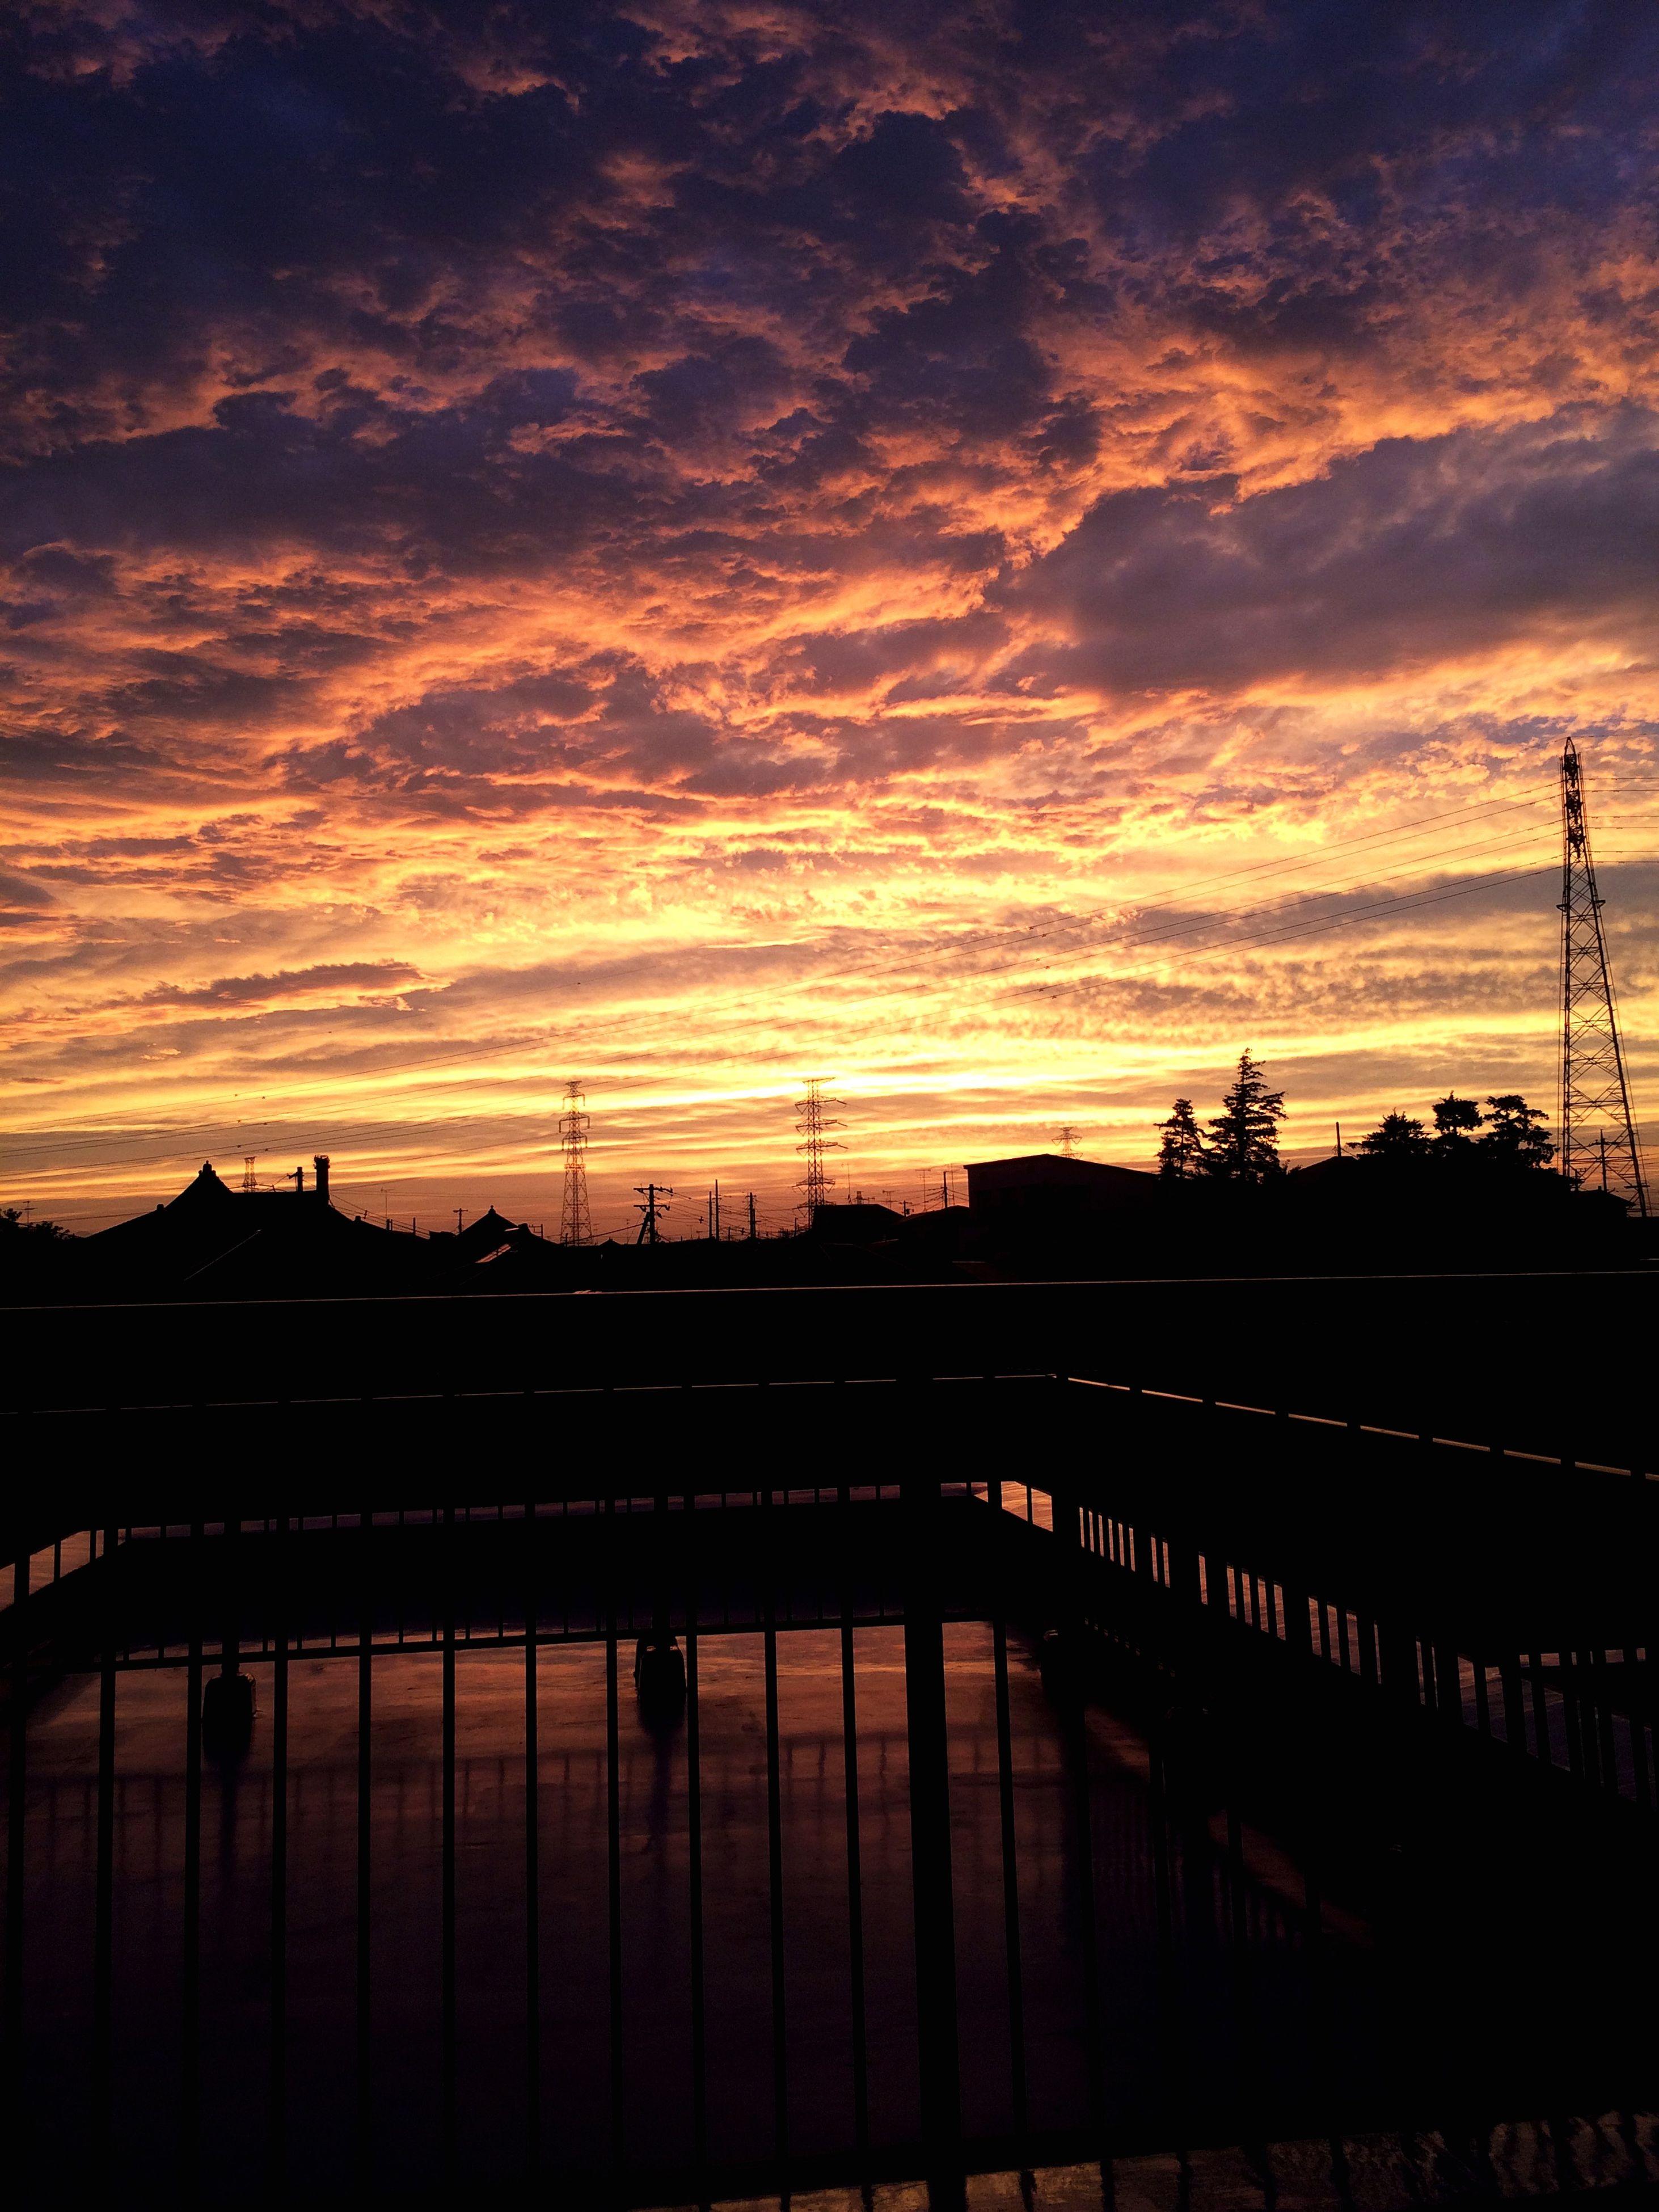 sunset, silhouette, sky, cloud - sky, connection, orange color, power line, built structure, electricity pylon, cloudy, cloud, bridge - man made structure, architecture, dusk, cable, transportation, dramatic sky, nature, railing, river